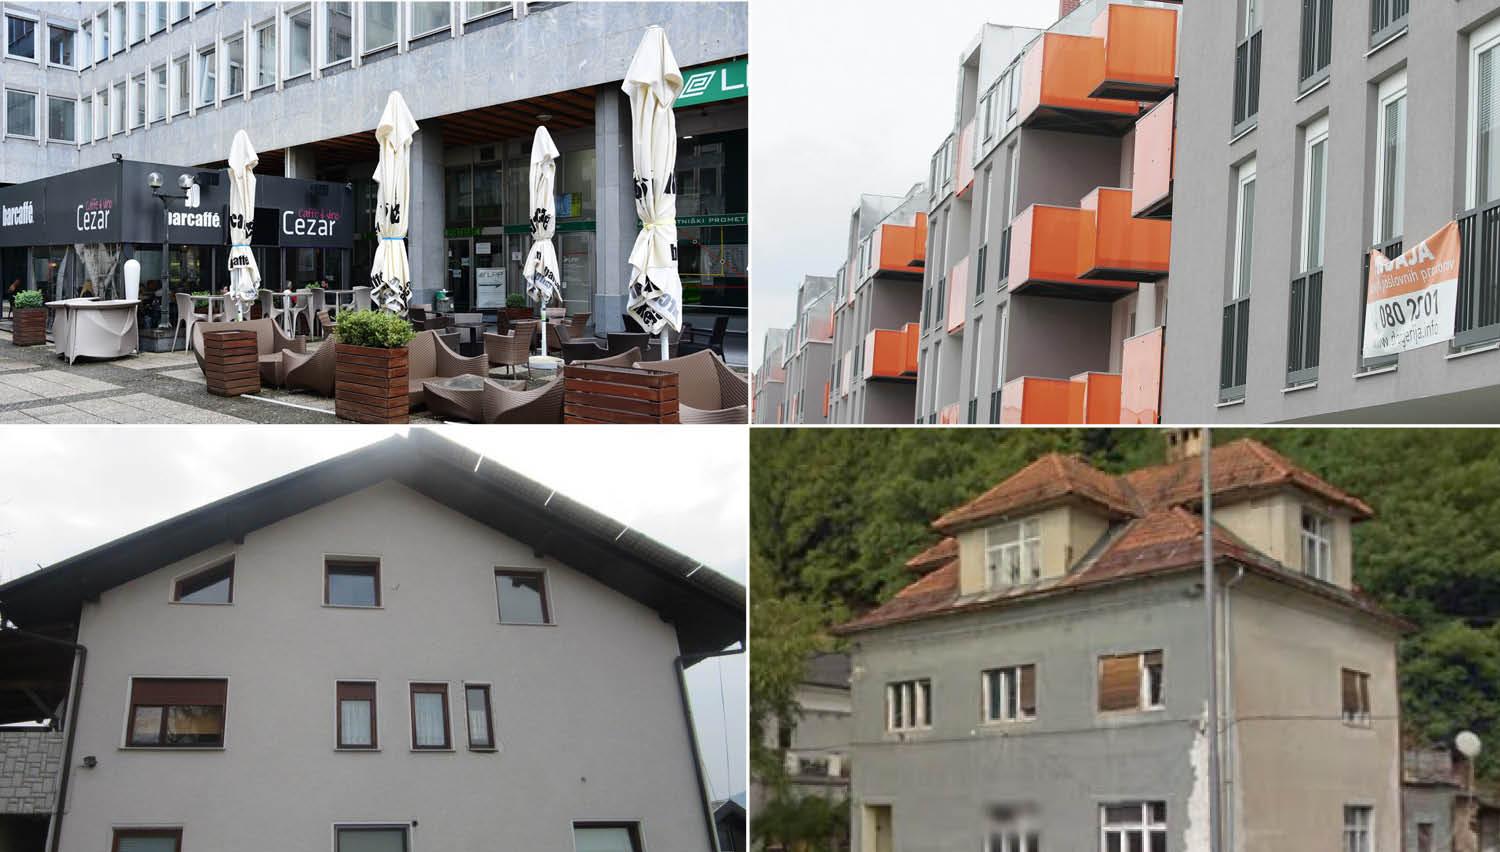 TOP dražbe: Hiša, stanovanje in lokal Cezar v Ljubljani, hiša na Vrhniki in industrijski objekti Aha Mure